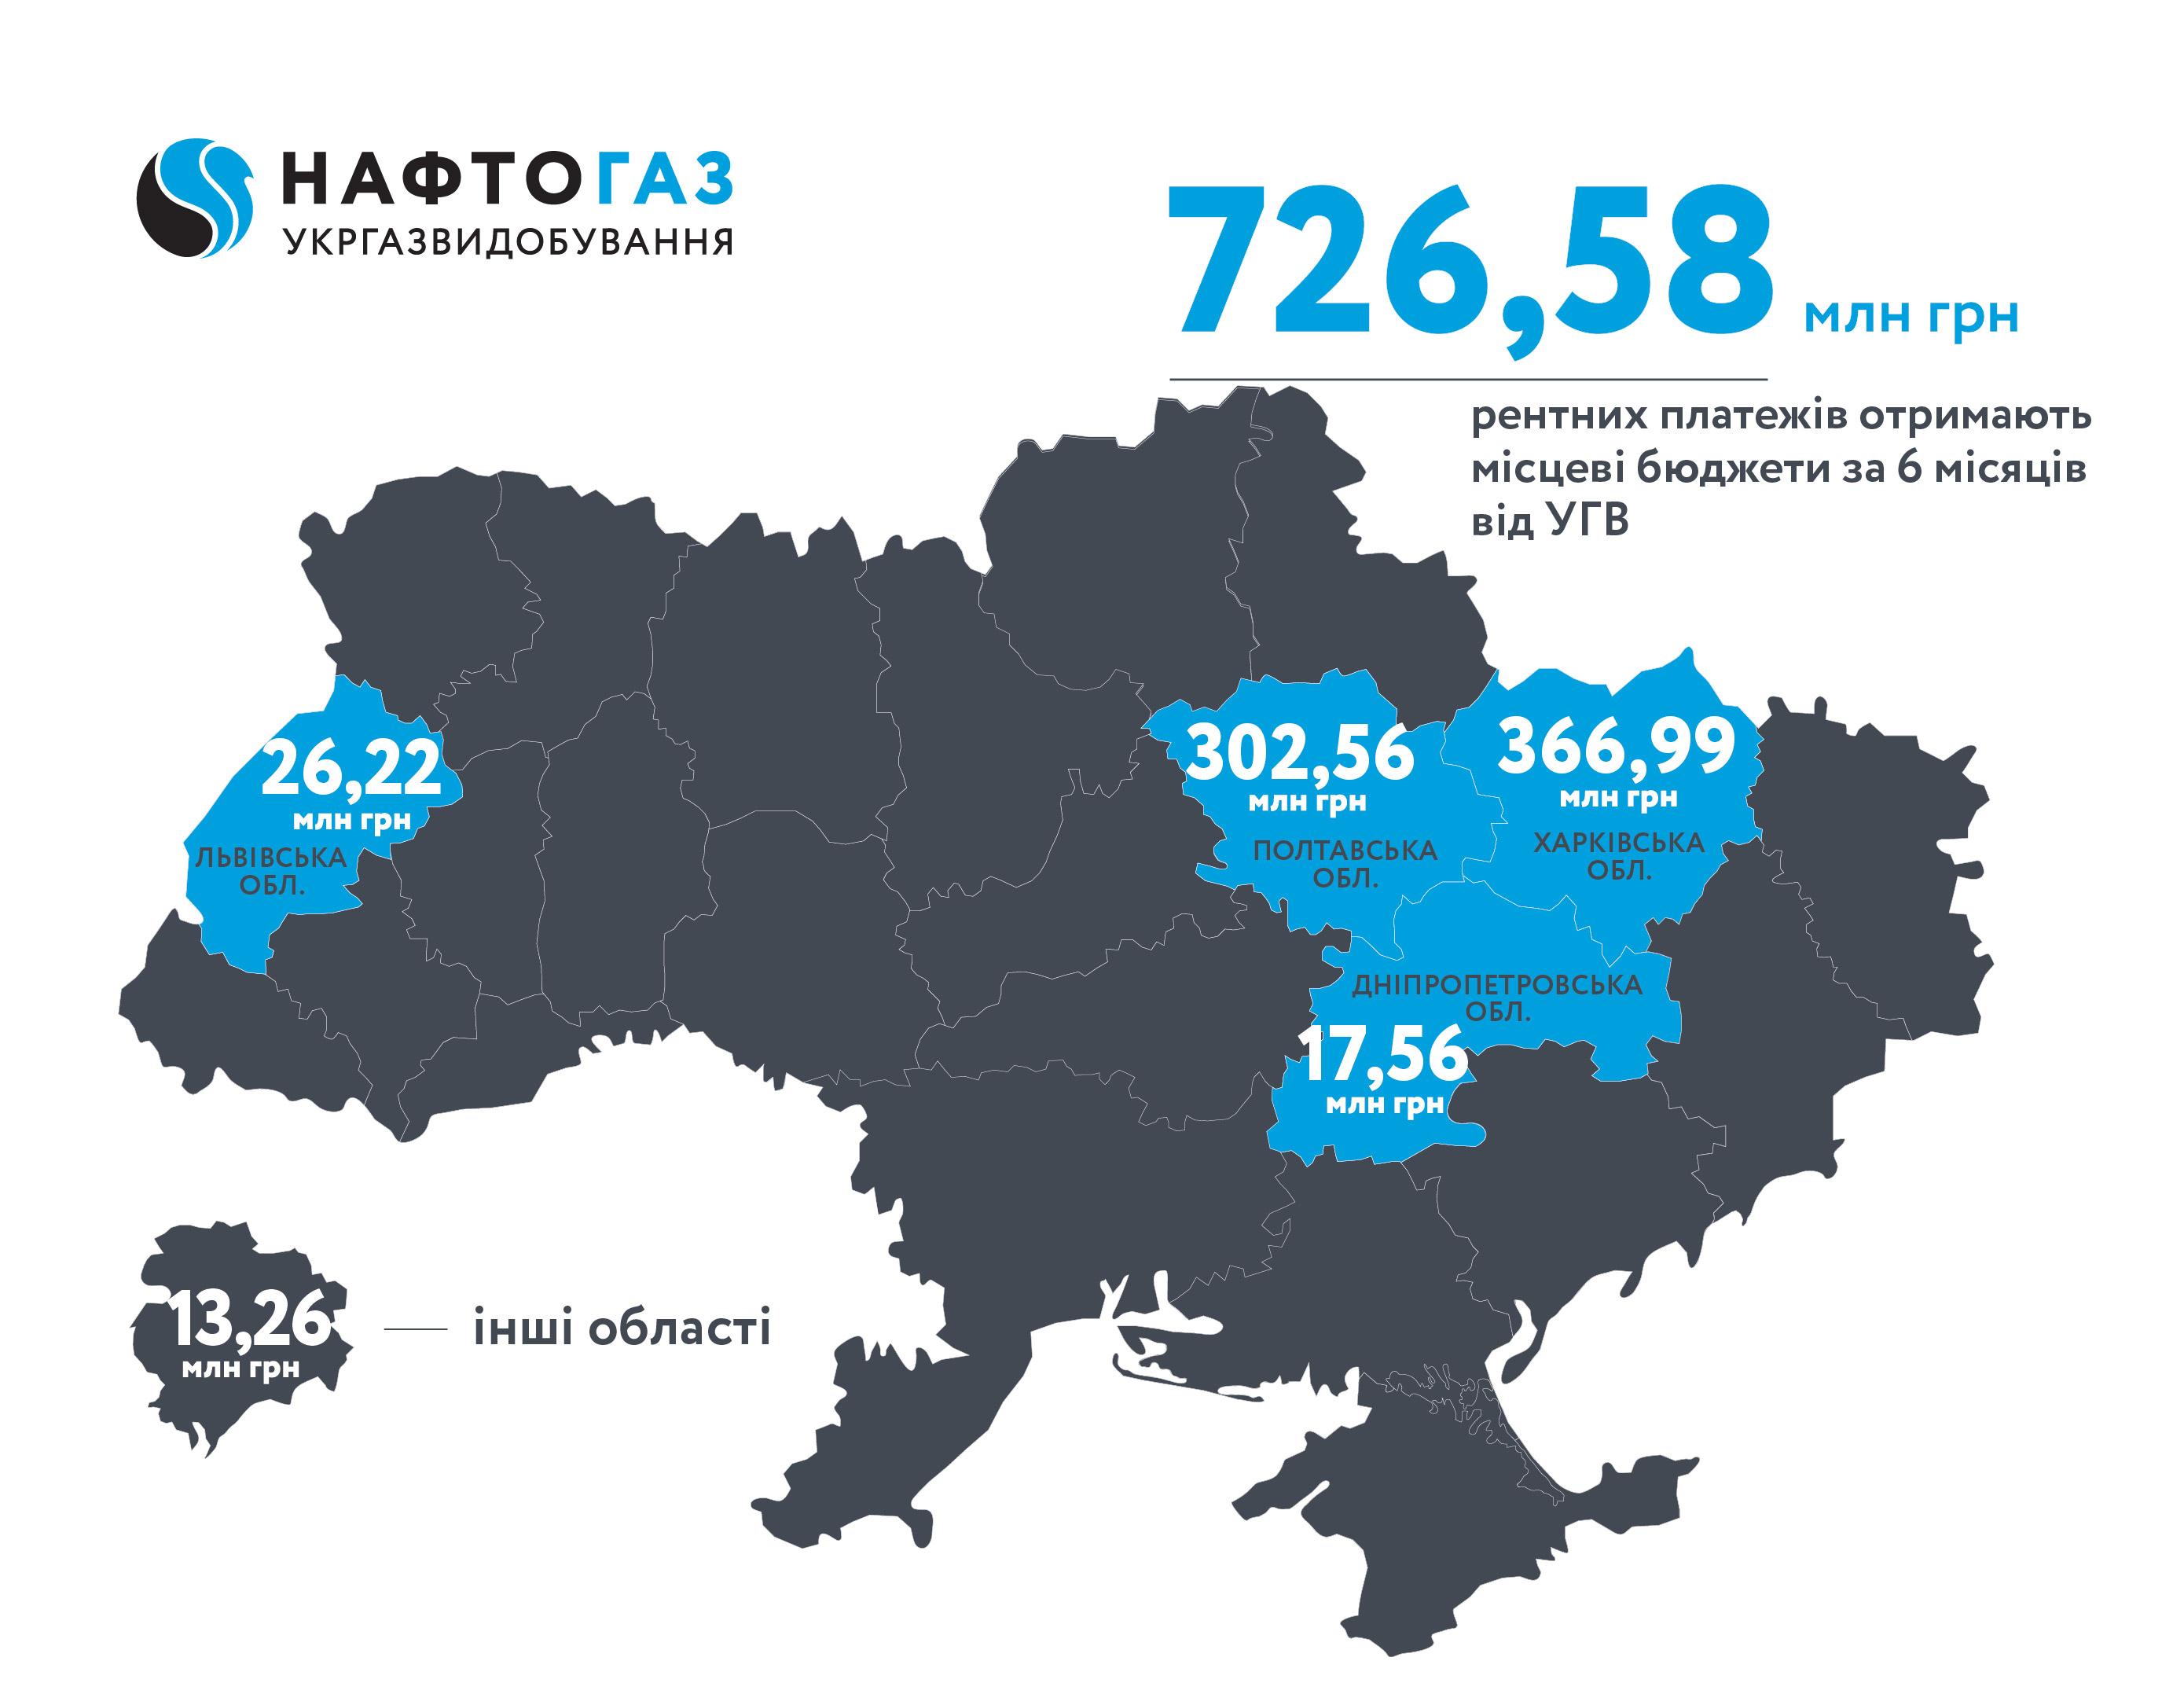 Укргазвидобування за 6 місяців 2019 року спрямувало до місцевих бюджетів понад 726 млн грн рентних платежів